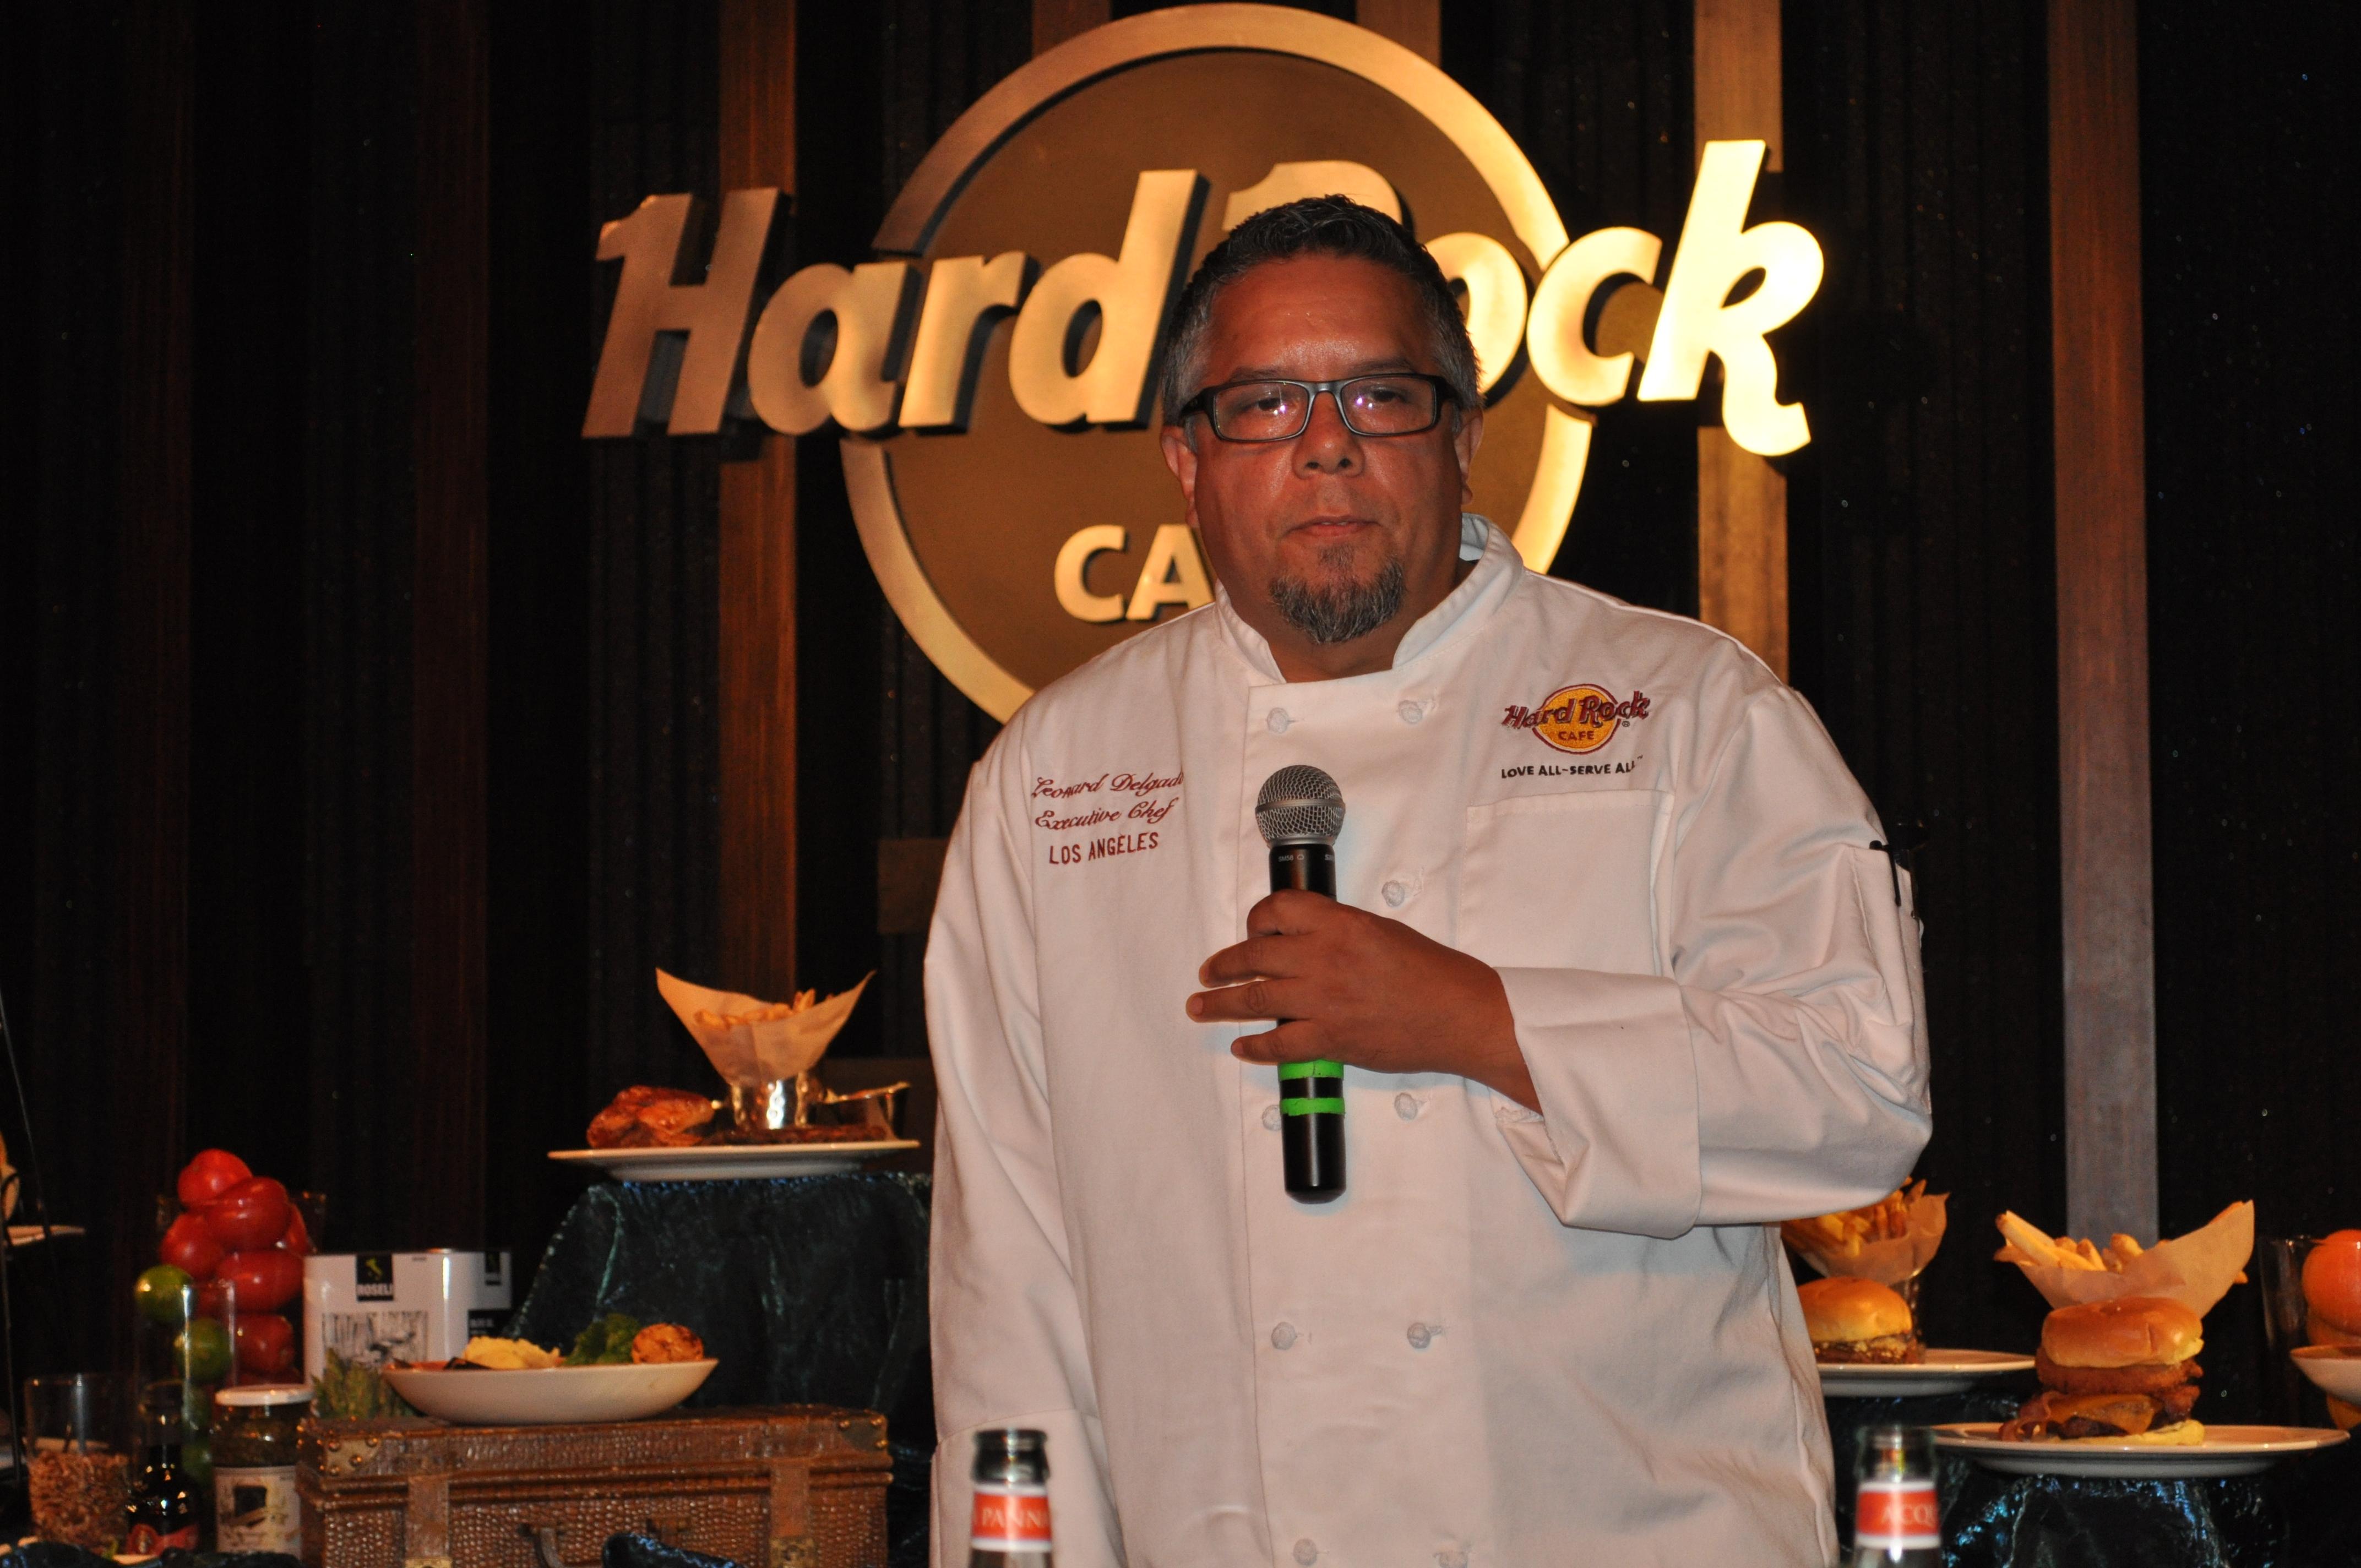 Chef Delgado